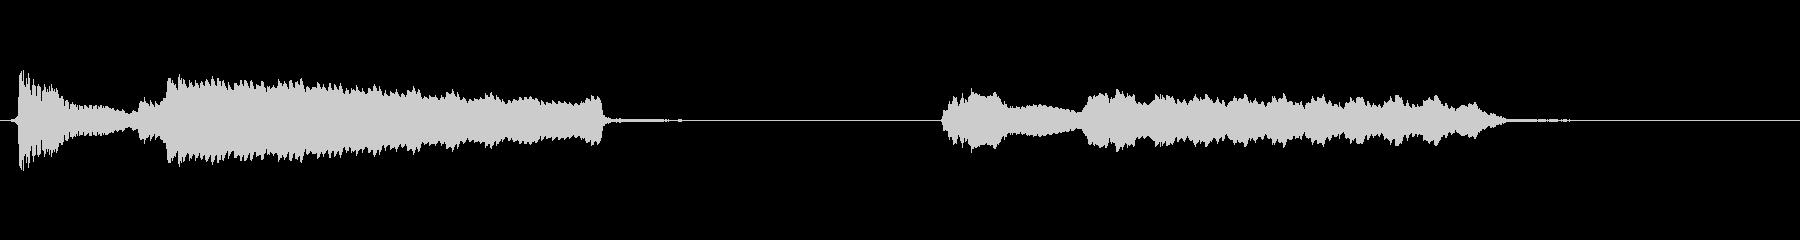 トークボックスという機材でのサンプルの未再生の波形